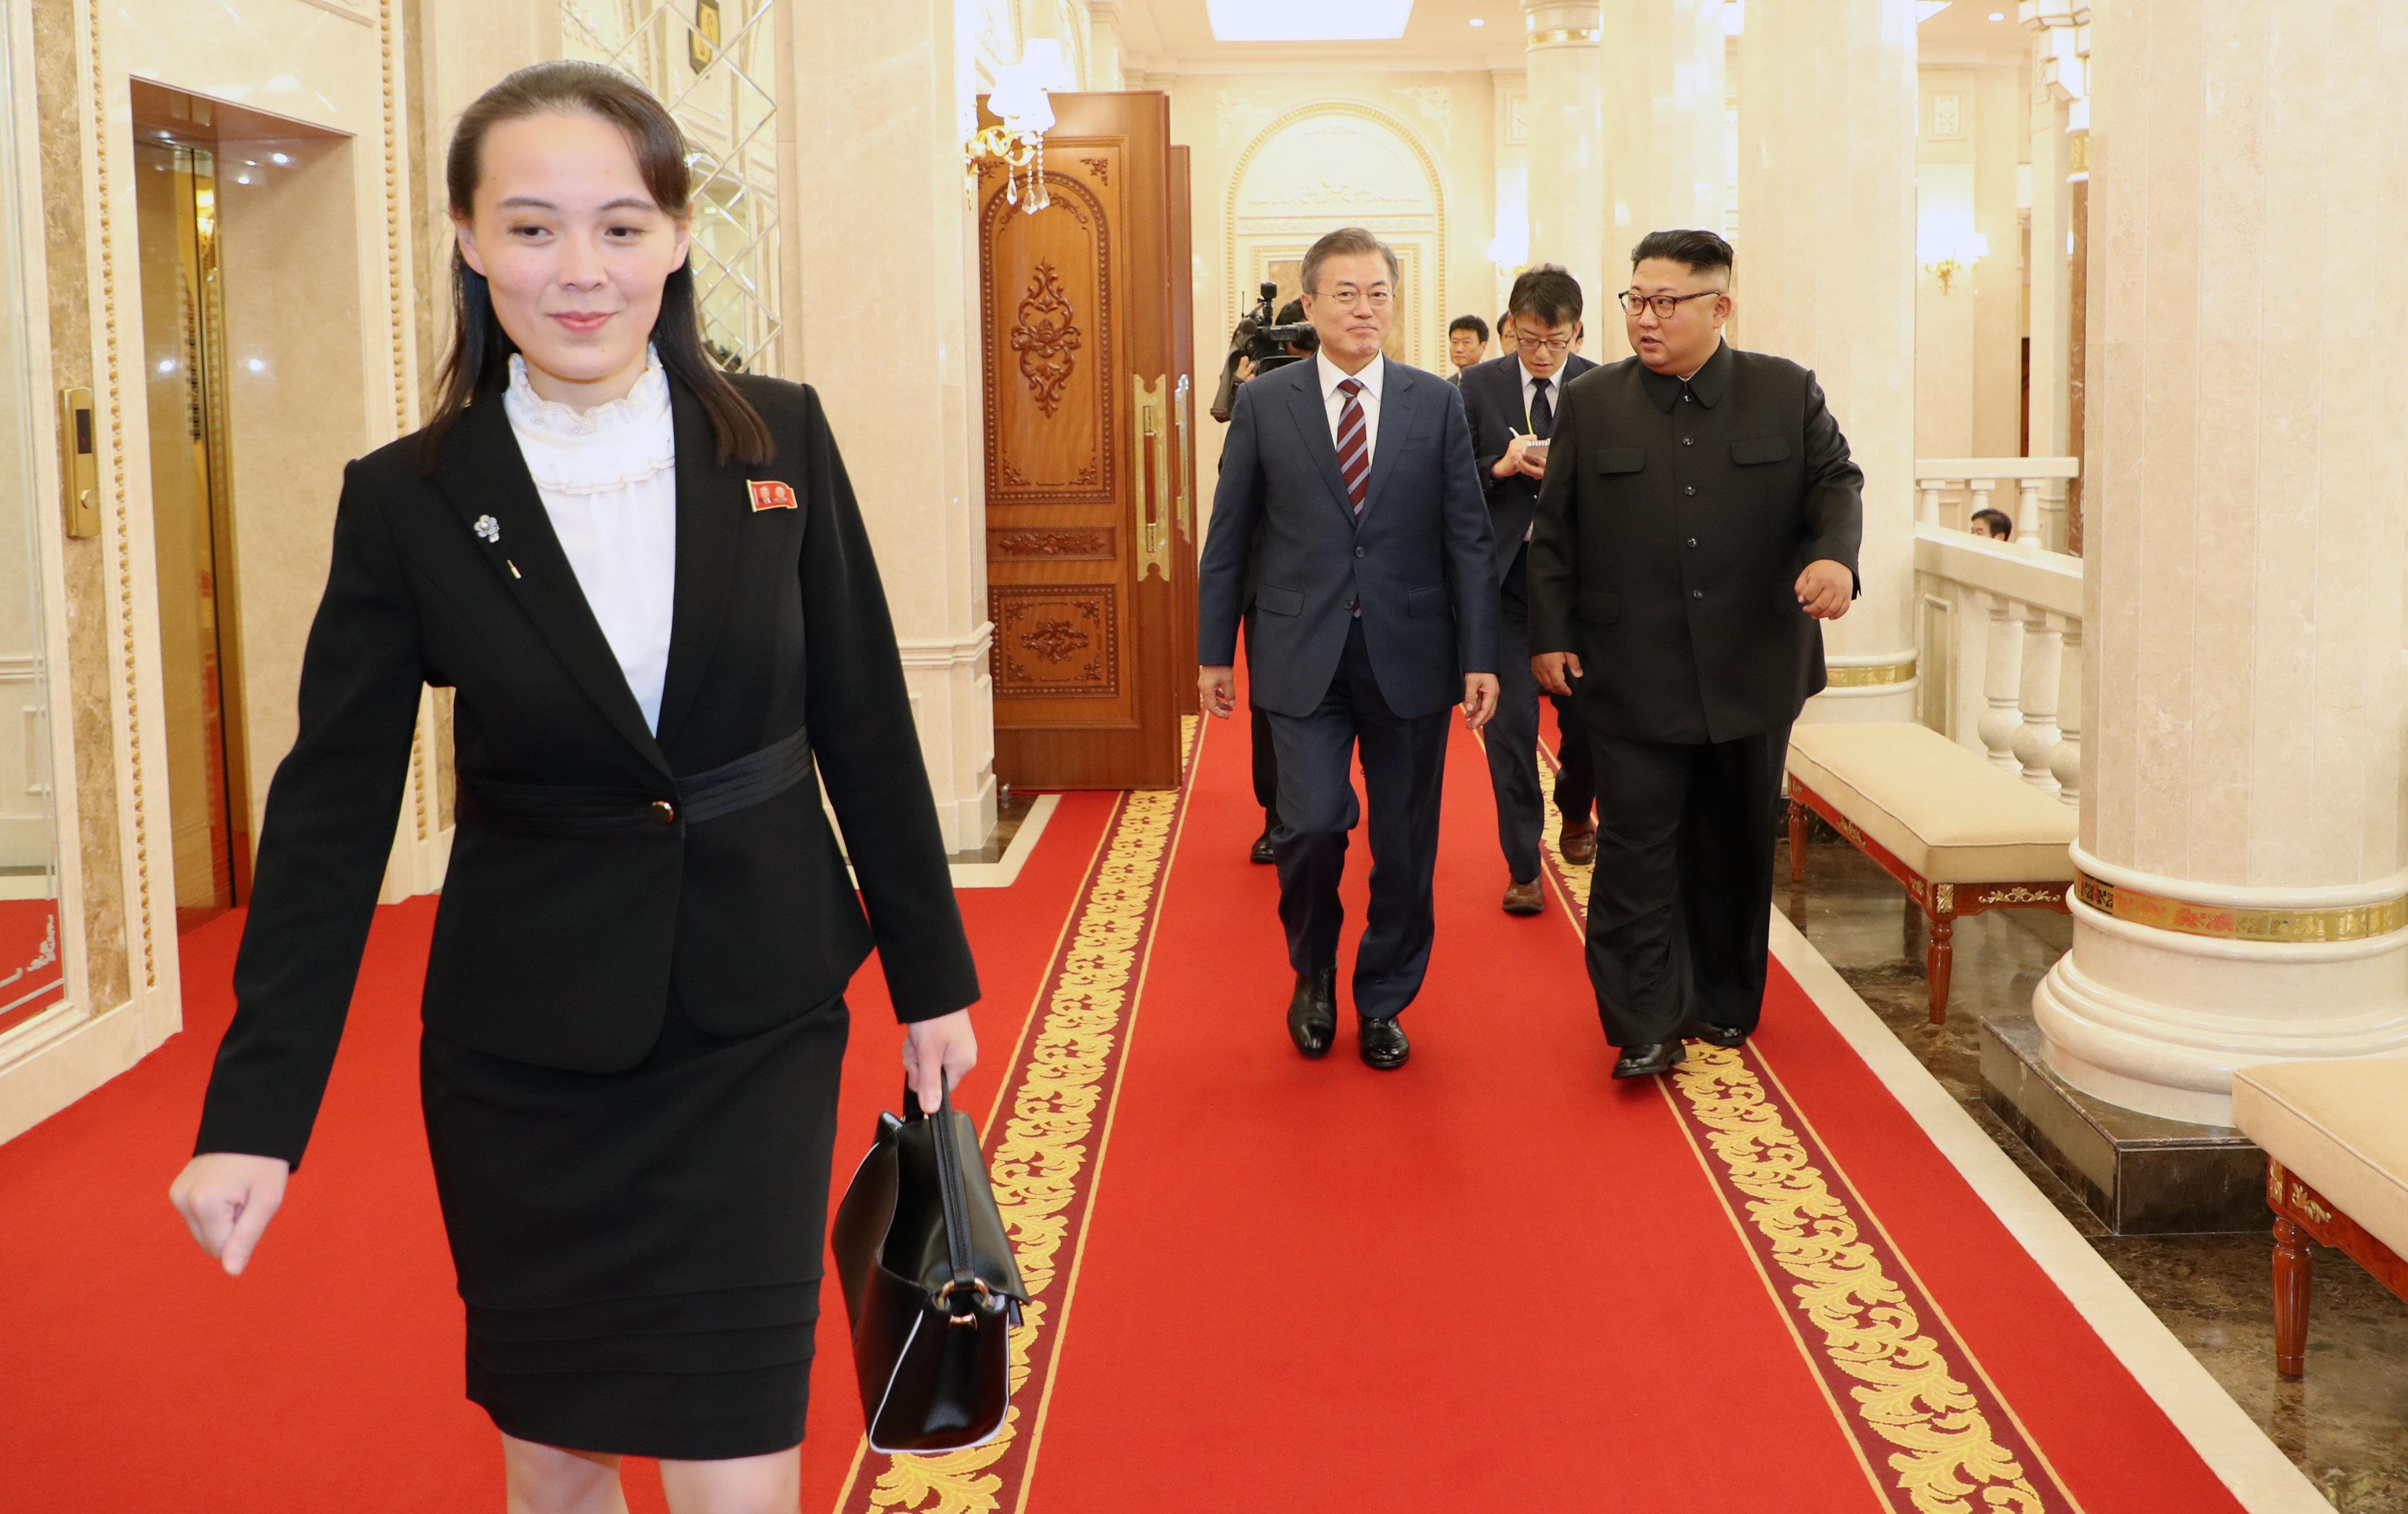 박지원이 평양에서 북한 중요 인사에게 들은 '김여정이 핼쑥해 보이는